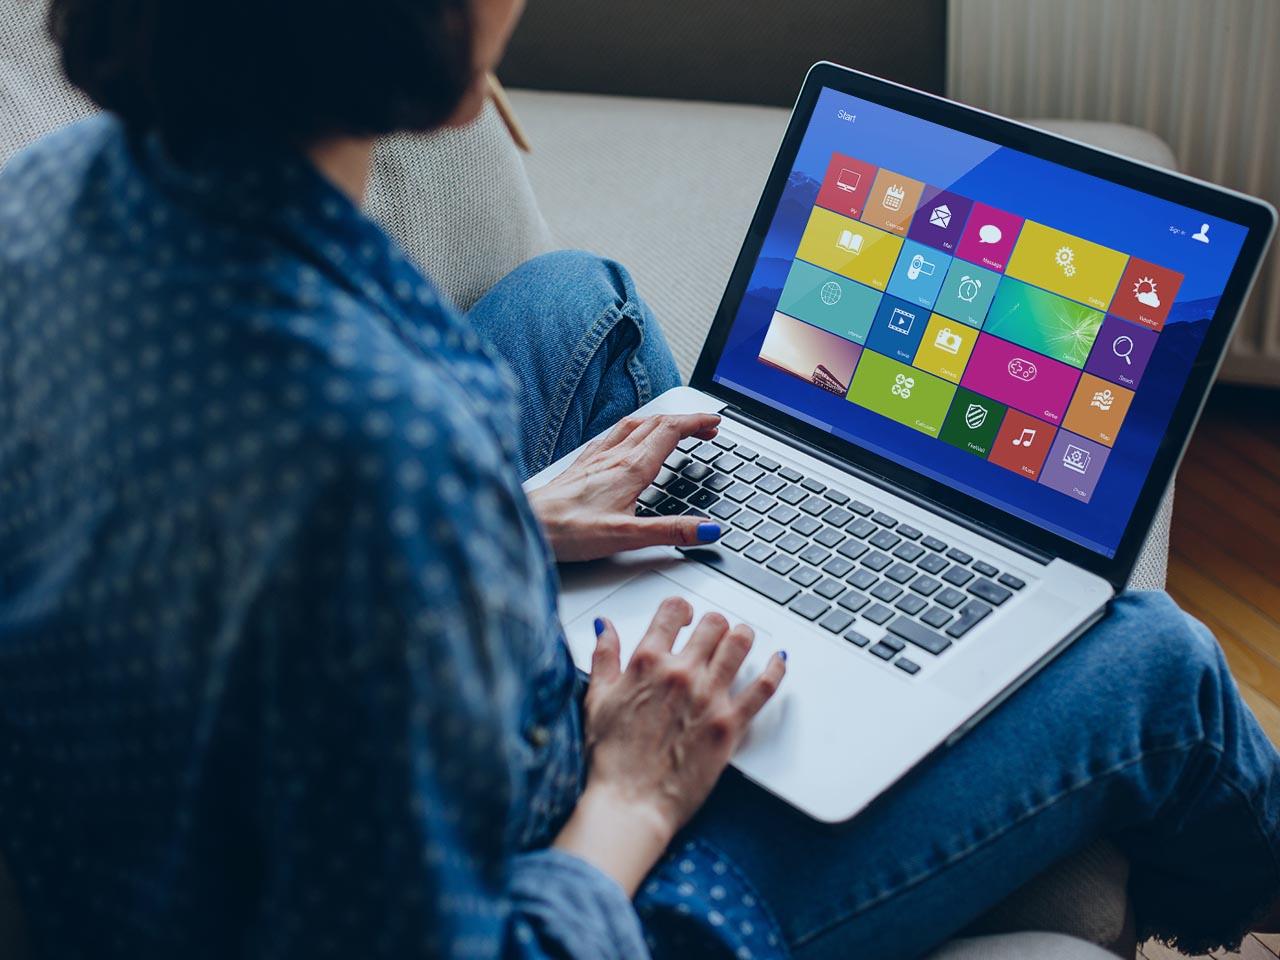 Картинки по запросу Взлом «экранного диктора» Windows даёт полный контроль над системой